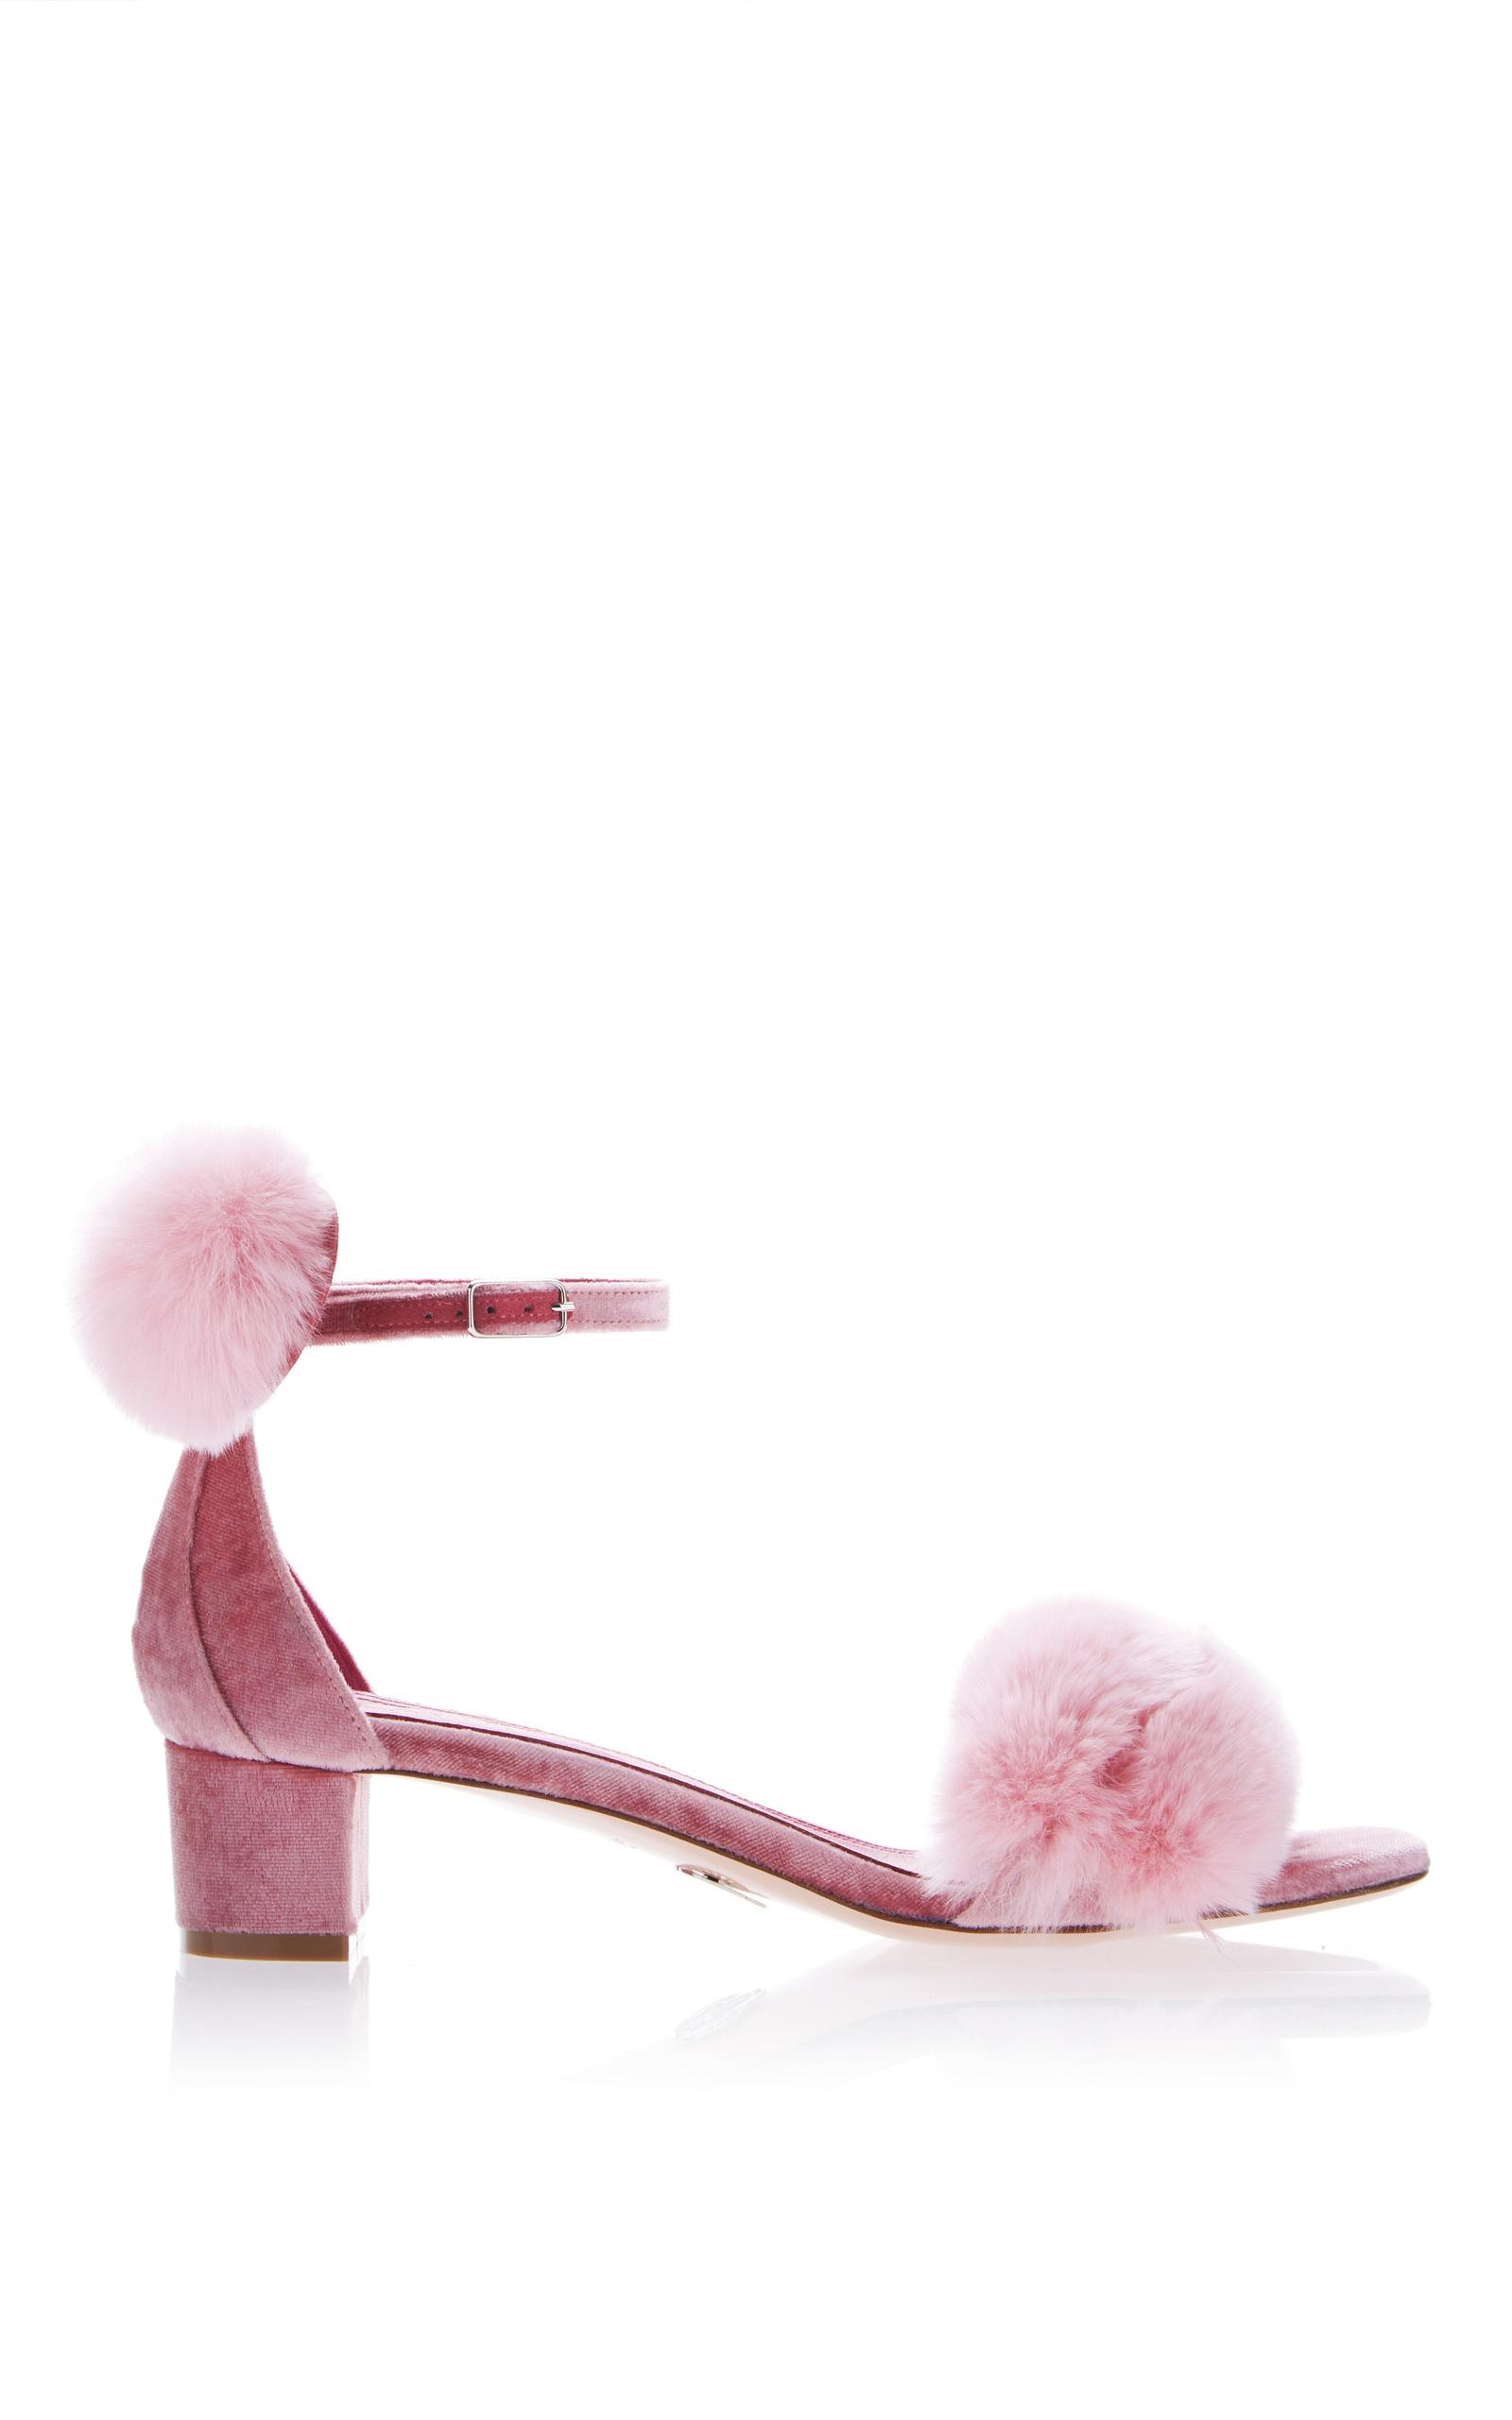 large_oscar-tiye-pink-minnie-fur-sandal.jpg